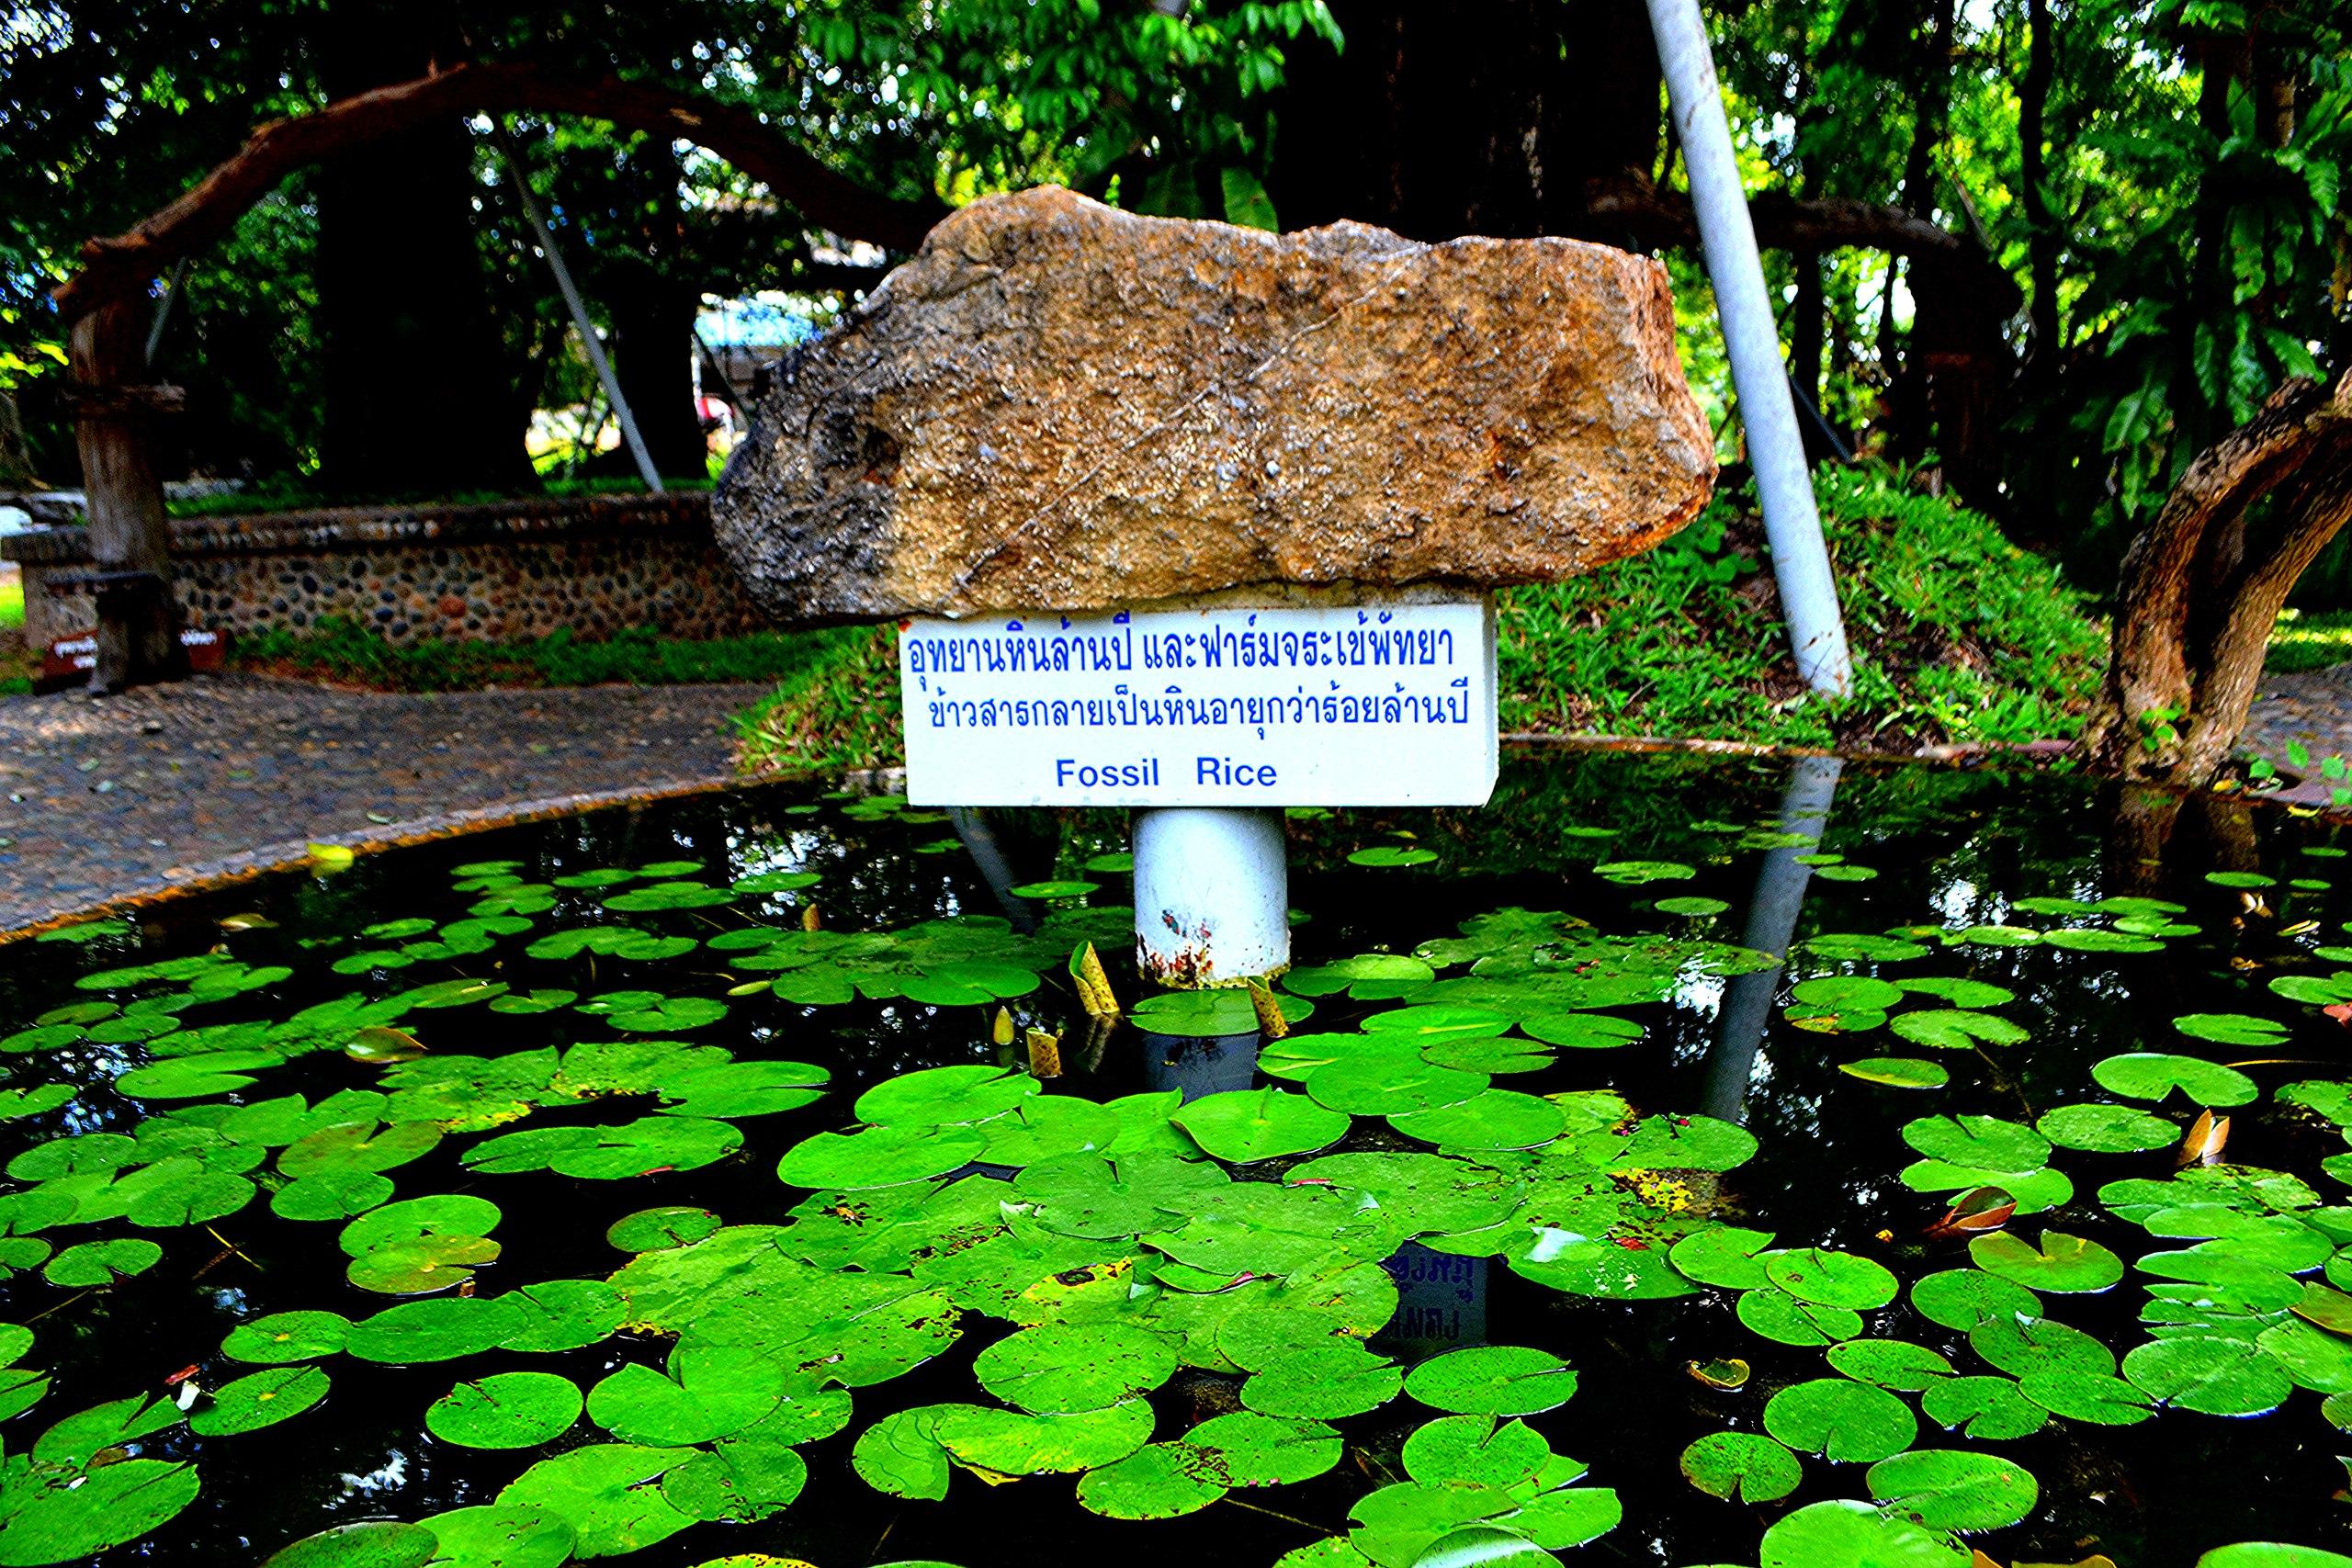 отдых - Елена Руденко ( Валтея ). Таиланд. Парк миллионолетних камней и крокодиловая ферма. - Страница 3 4QzpMPArDJw